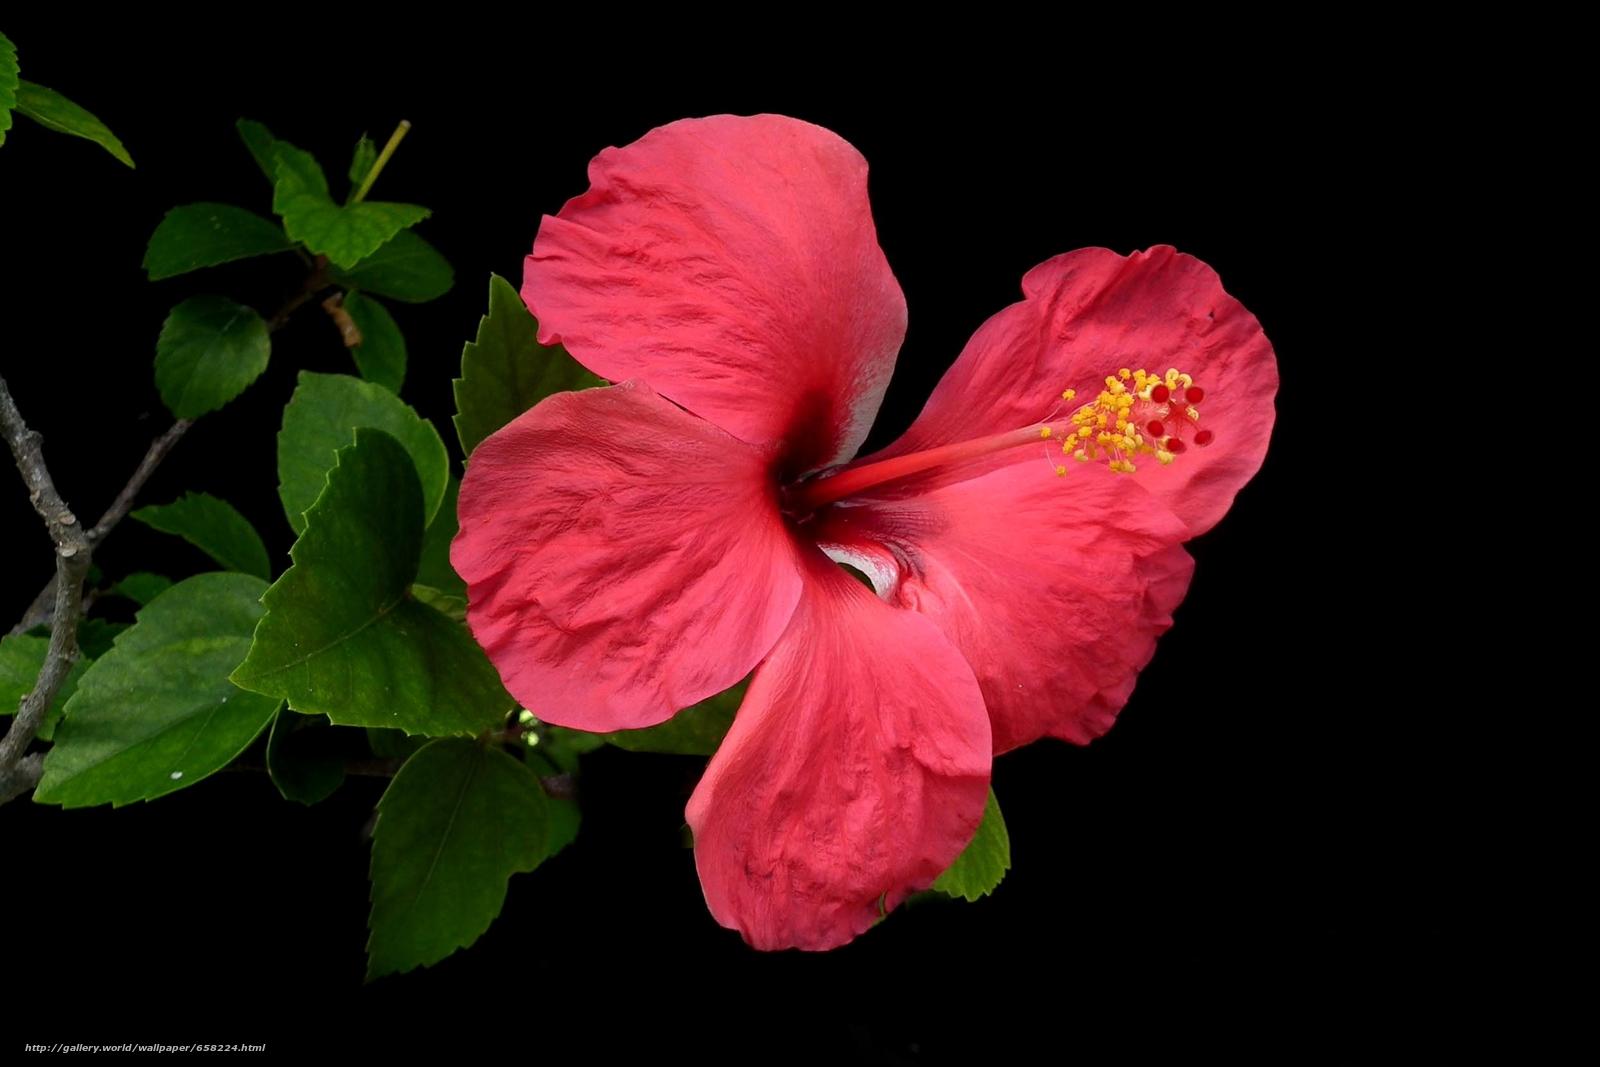 Скачать обои Гибискус,  Hibiscus,  цветы,  цветок бесплатно для рабочего стола в разрешении 2489x1660 — картинка №658224